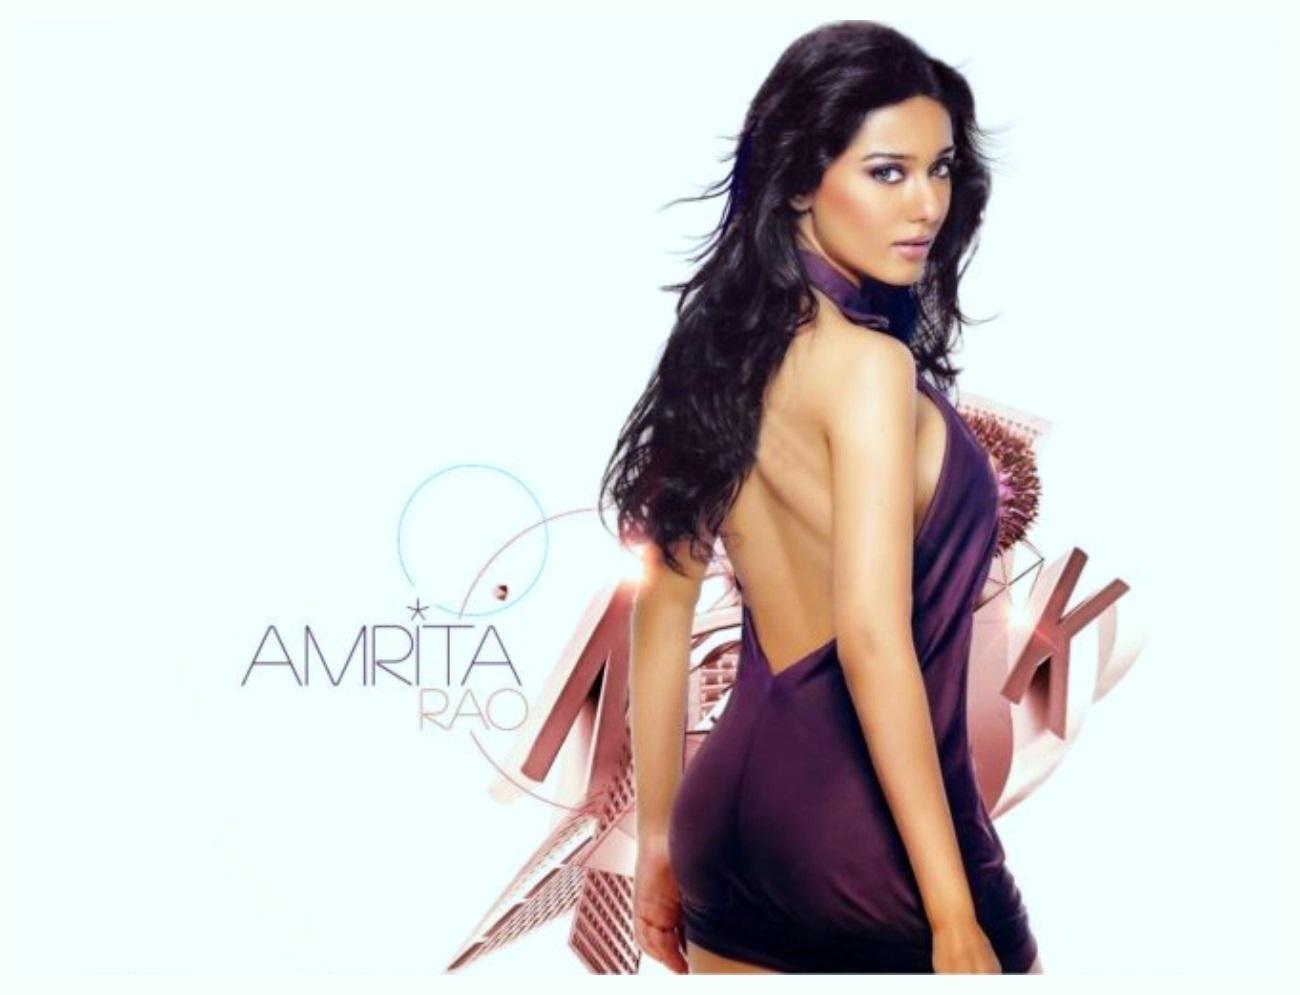 Full HD Beautiful Back Amrita Rao Wallpapers